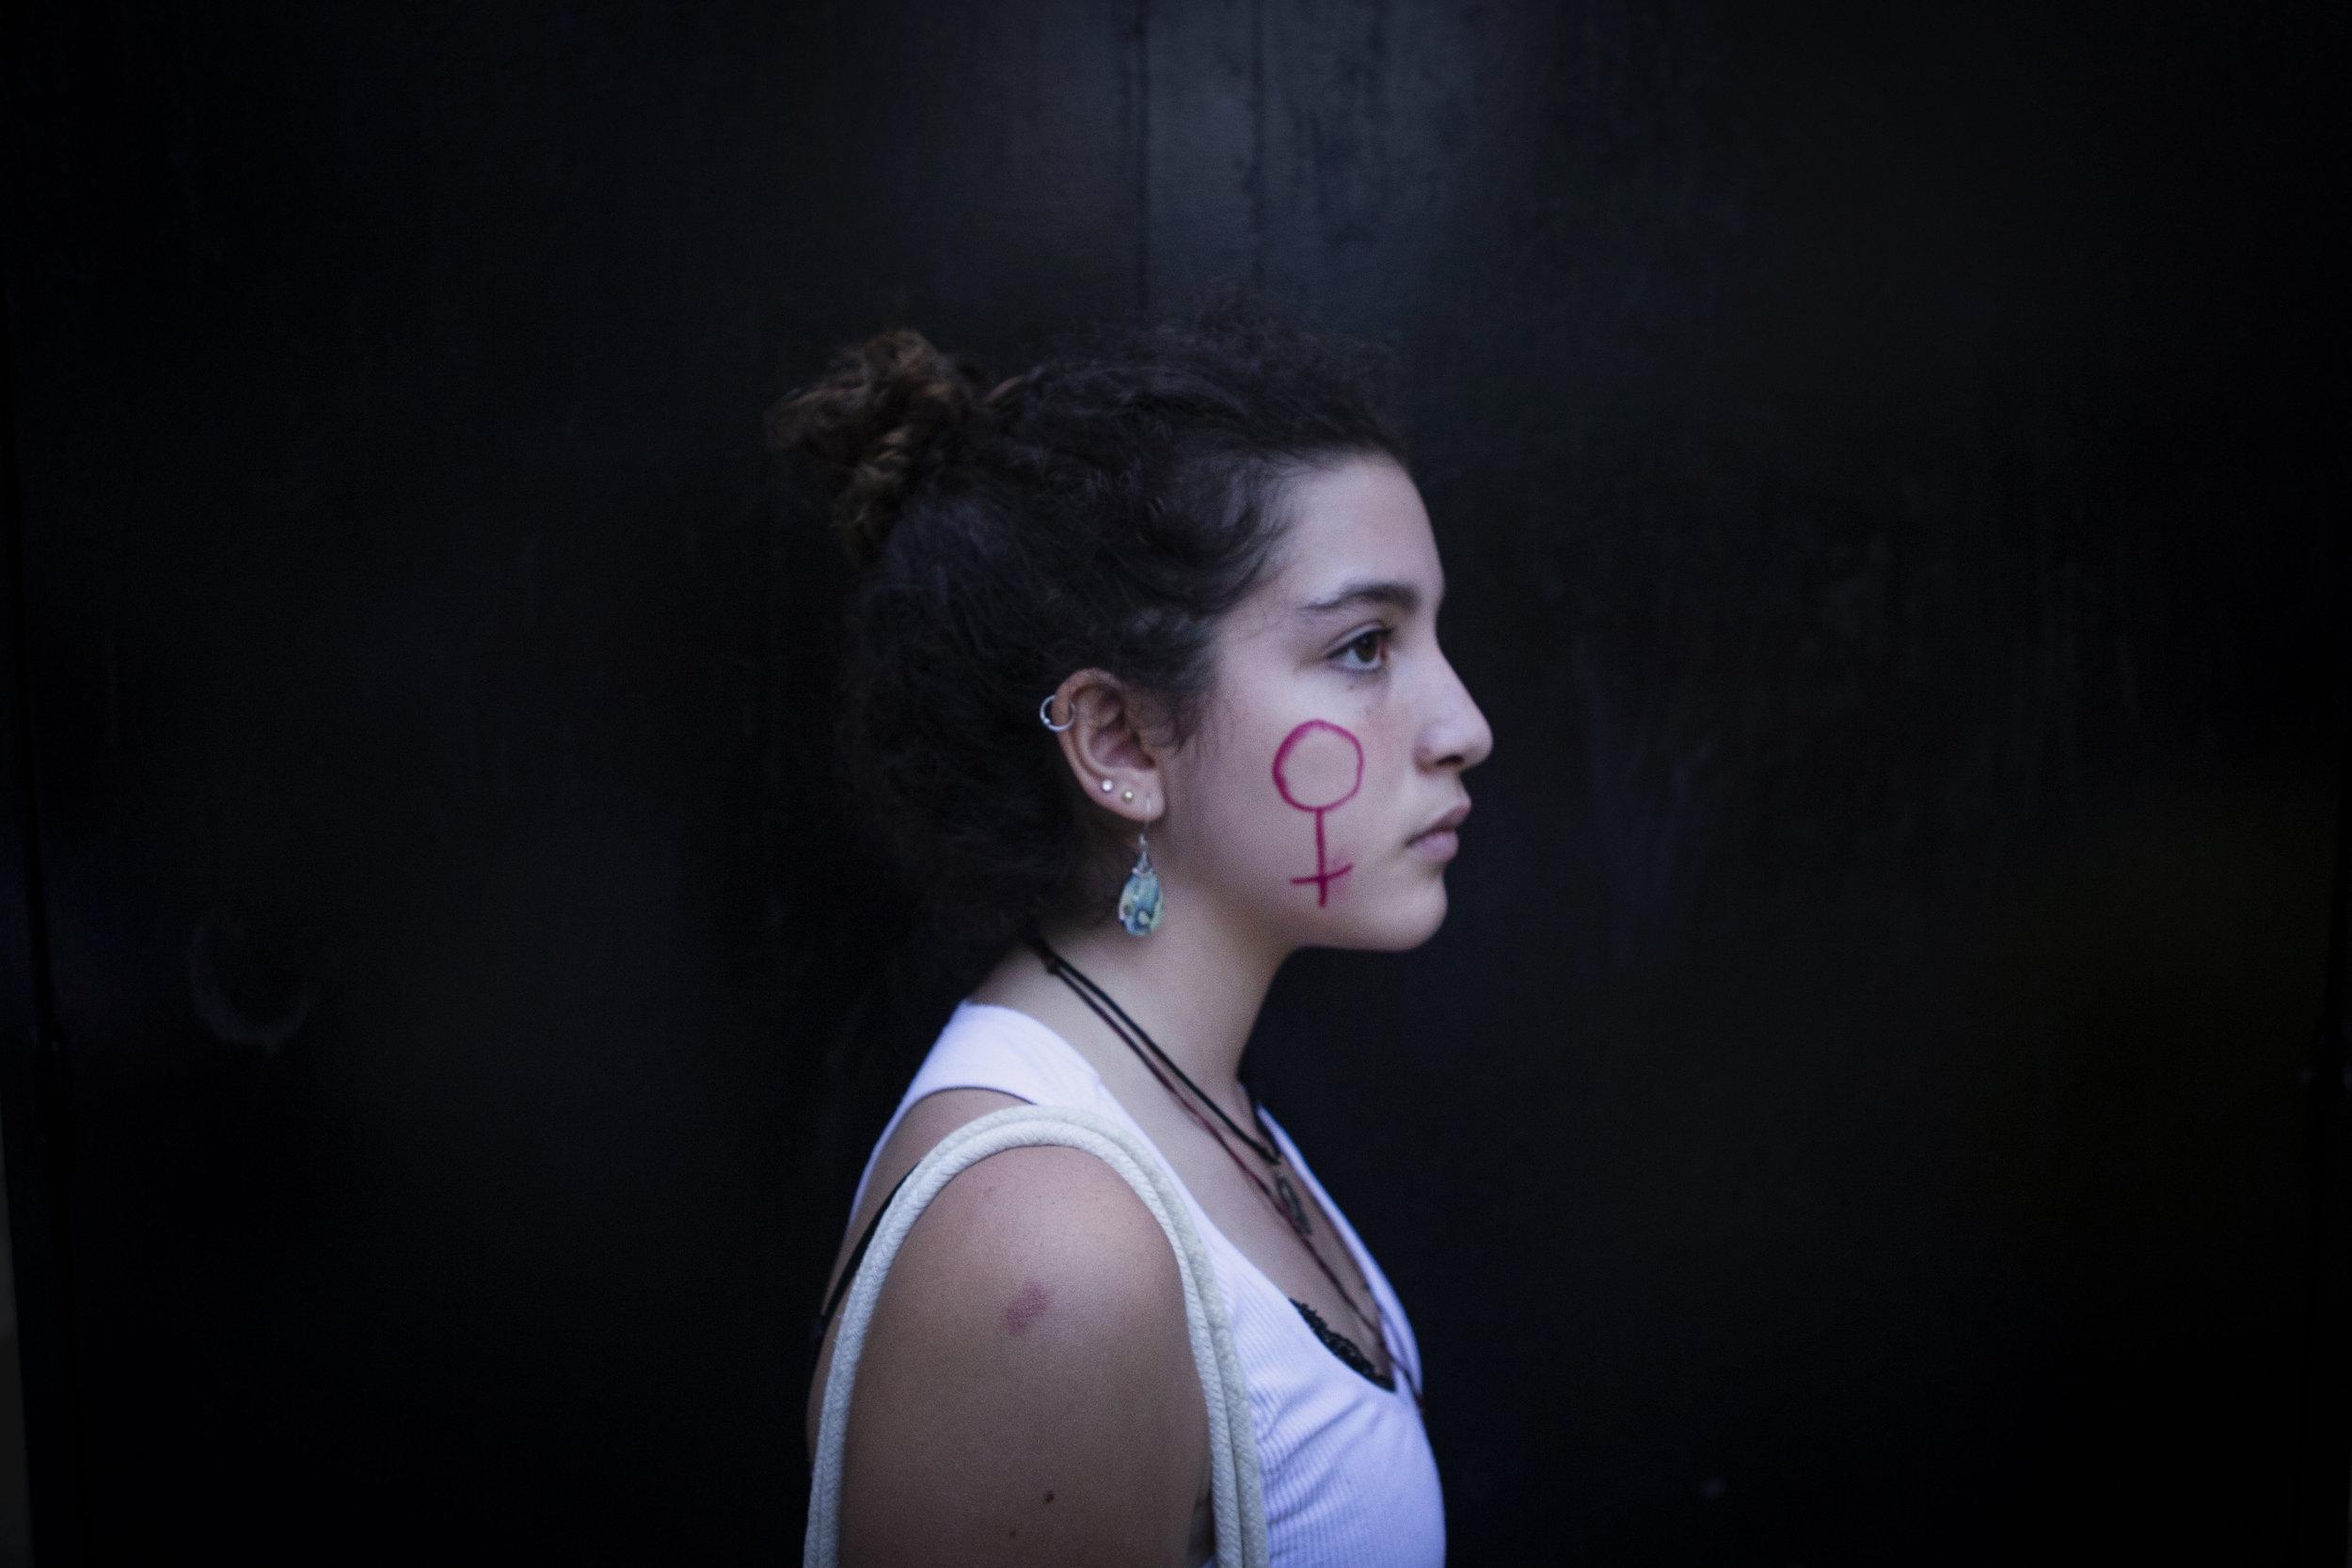 Coletivo Amapoa - Fortifica o papel da mulher na fotografia, especialmente no campo documental.